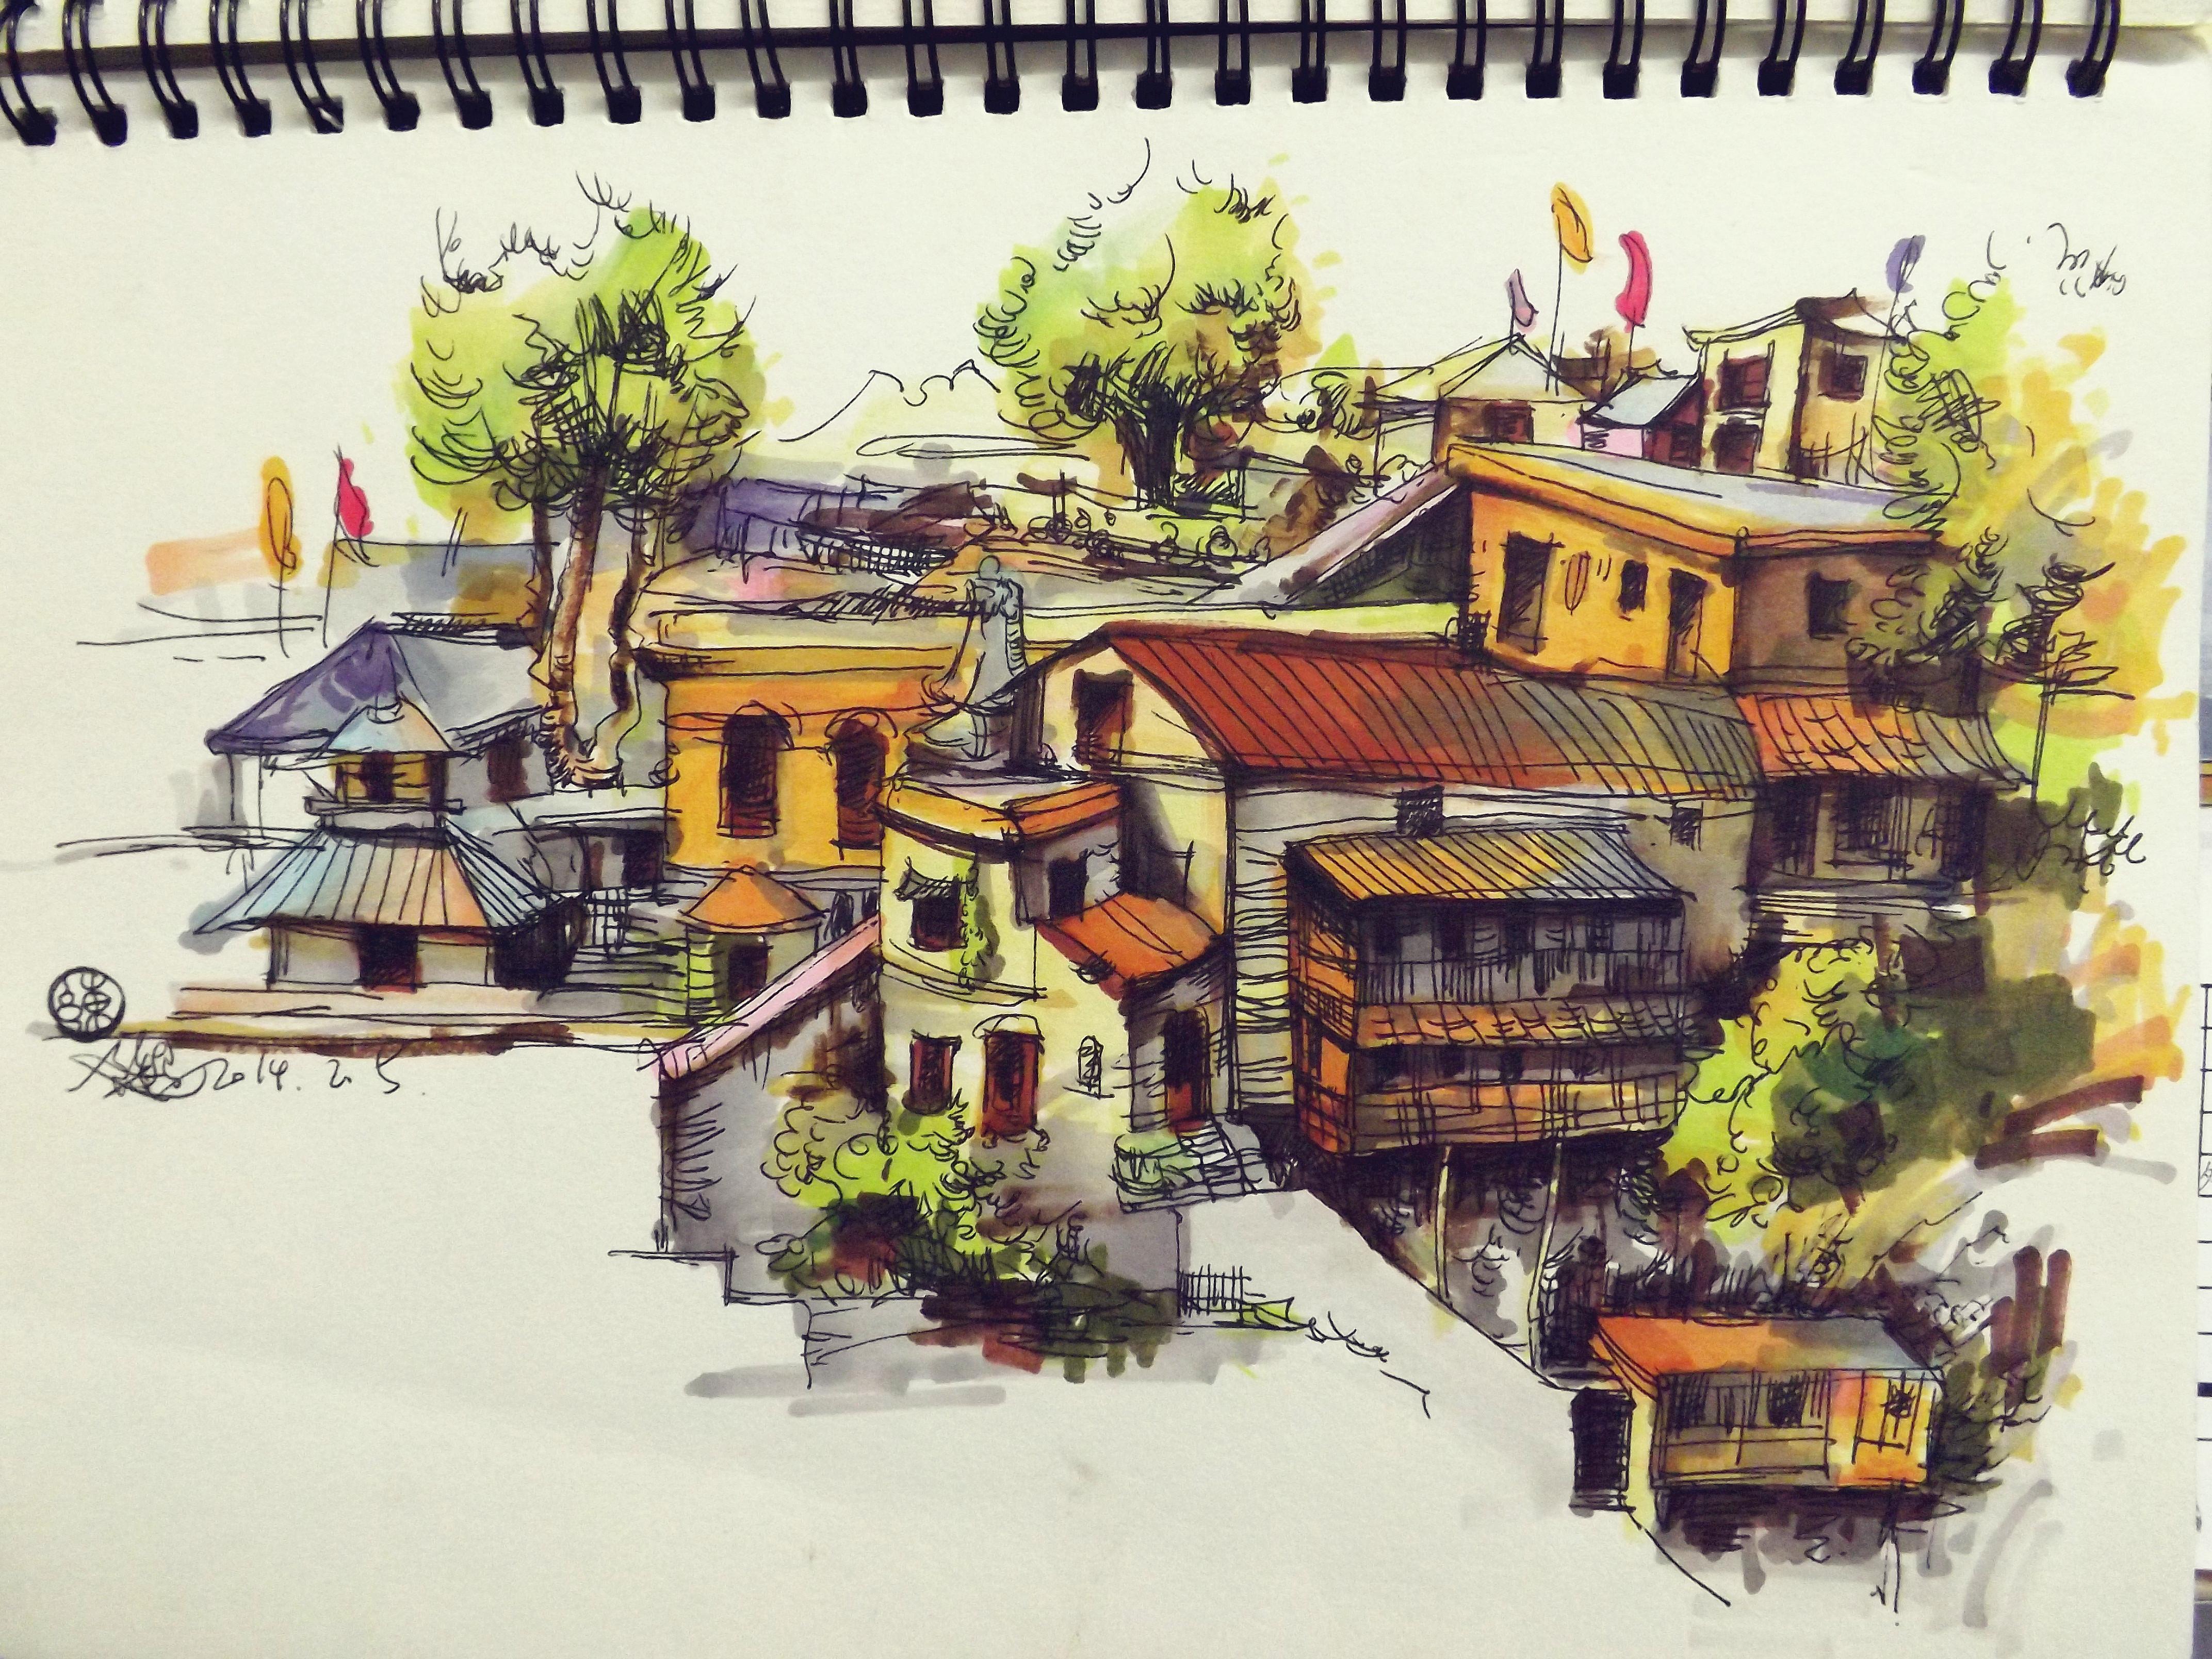 建筑手绘|纯艺术|速写|colorful彩铅时代 - 原创作品